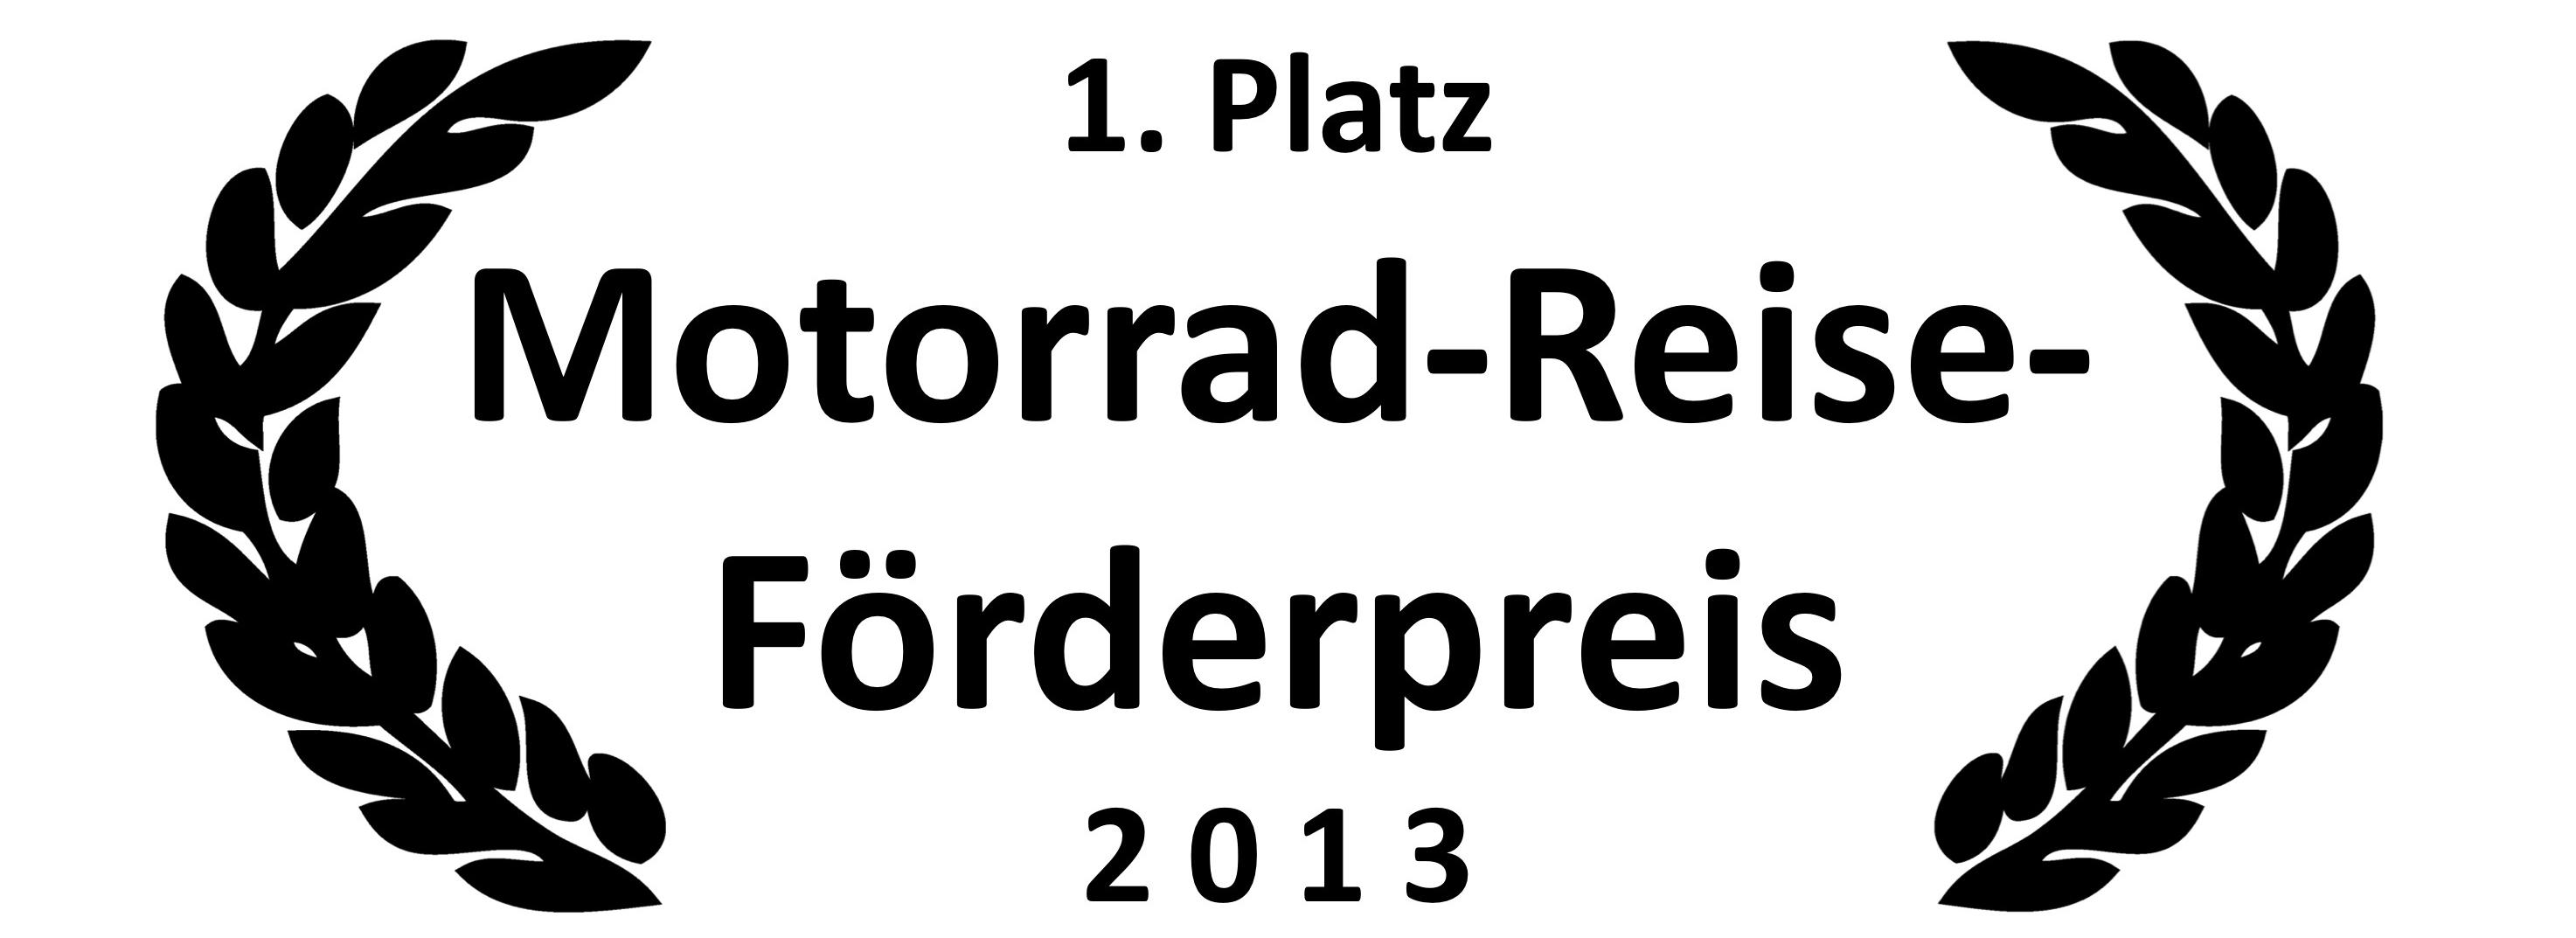 Motorrad Reise Förderpreis 2013